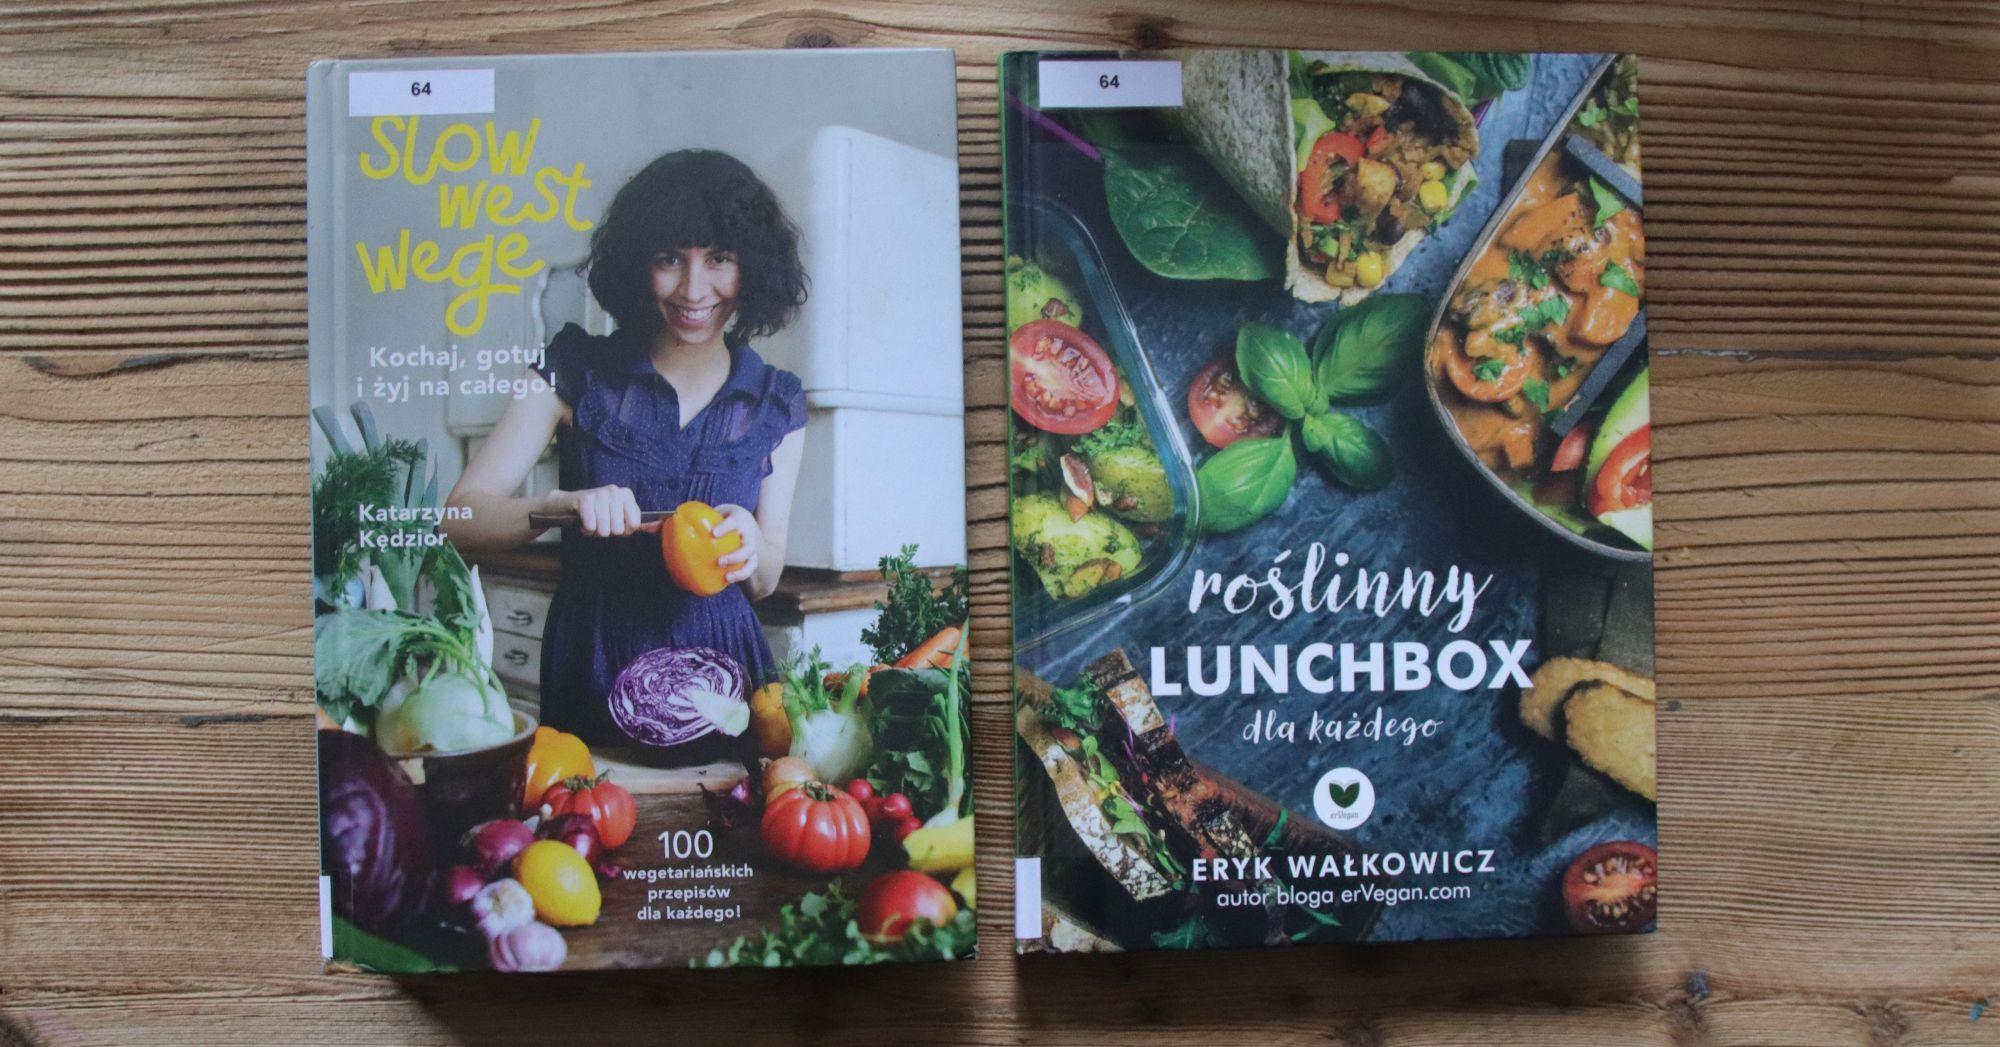 Najbardziej inspirujące mnie ostatnio wegetariańskie książki kucharskie